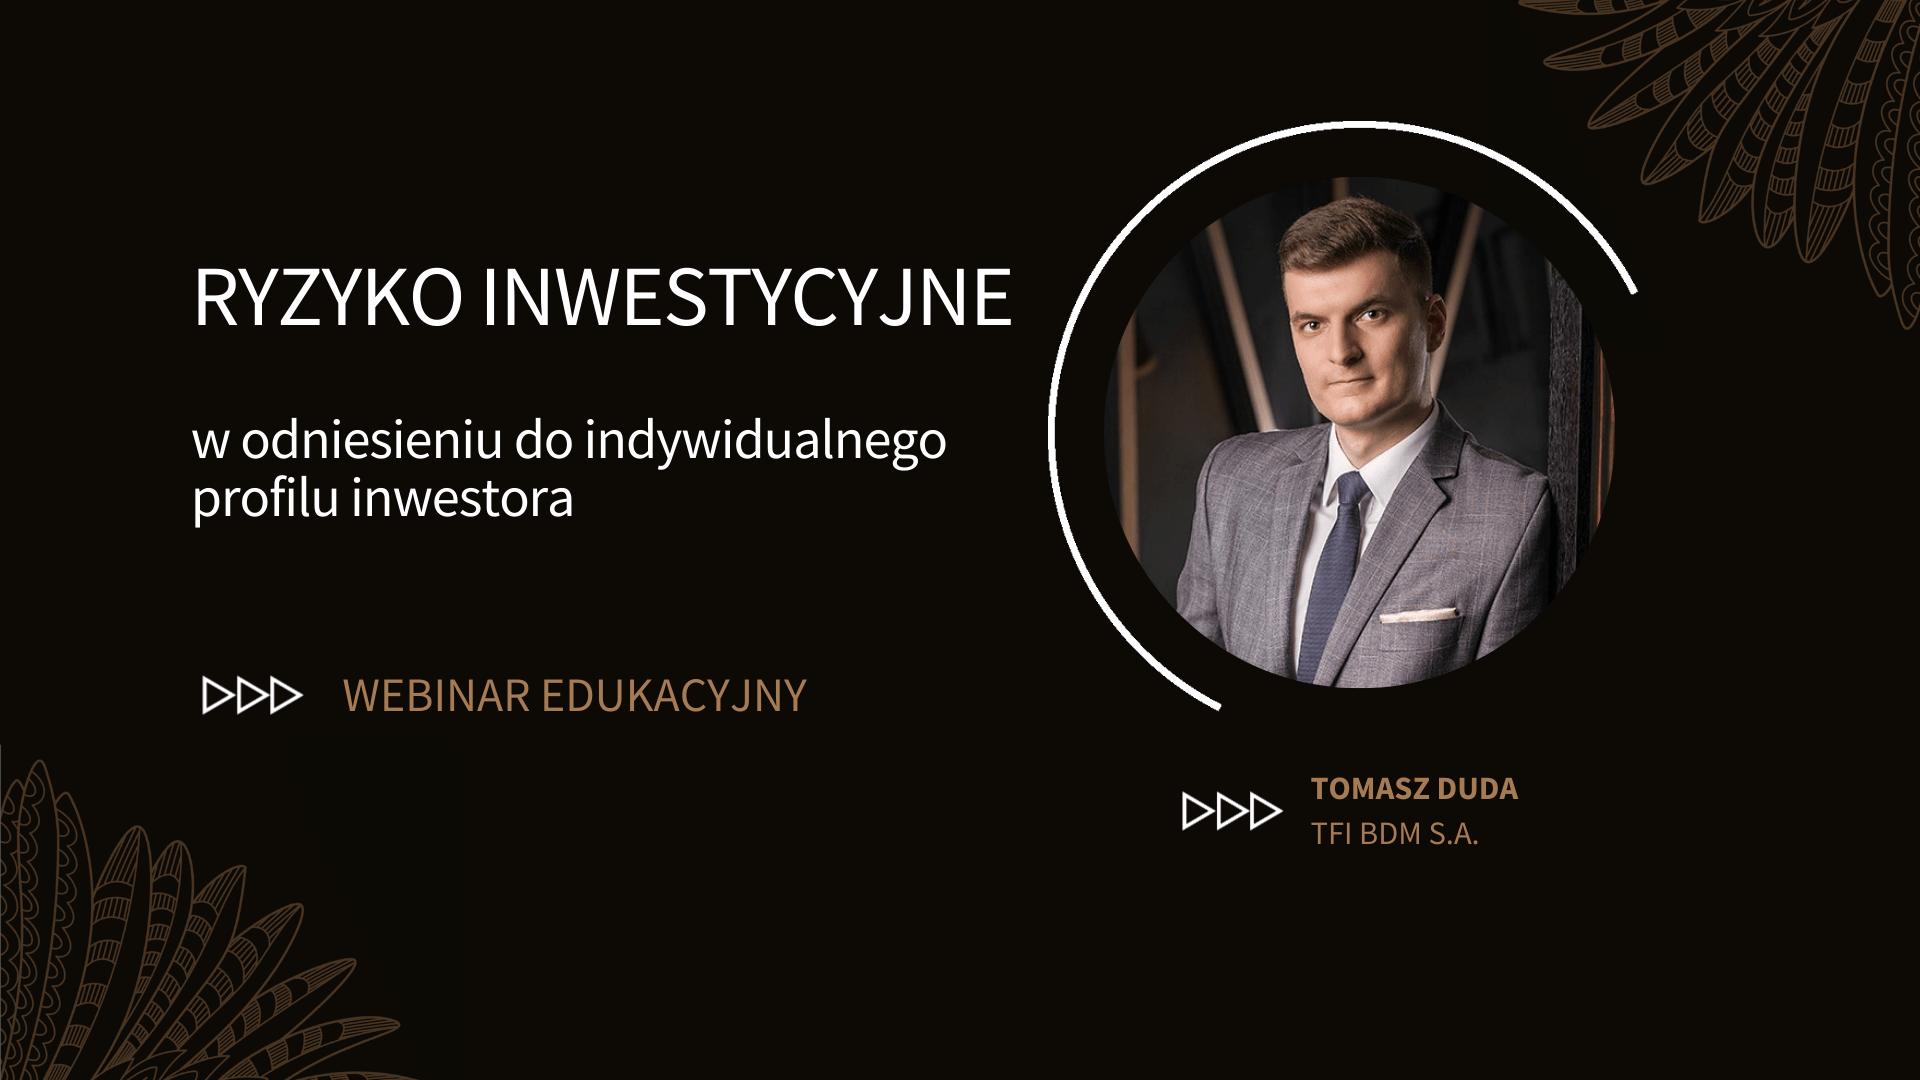 Webinar edukacyjny – Ryzyko inwestycyjne w odniesieniu do indywidualnego profilu inwestora